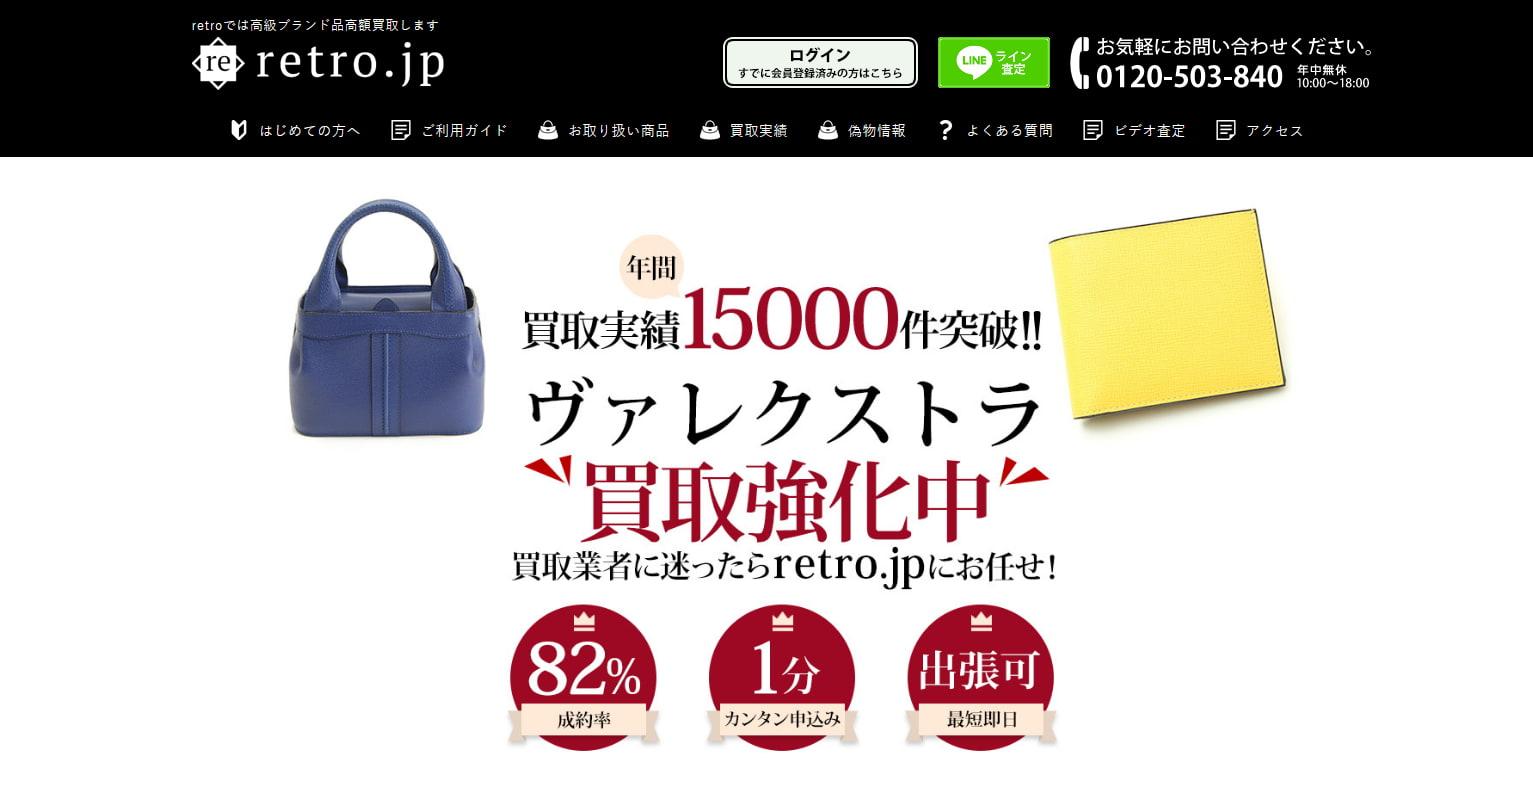 ヴァレクストラ買取おすすめ店retro.jp